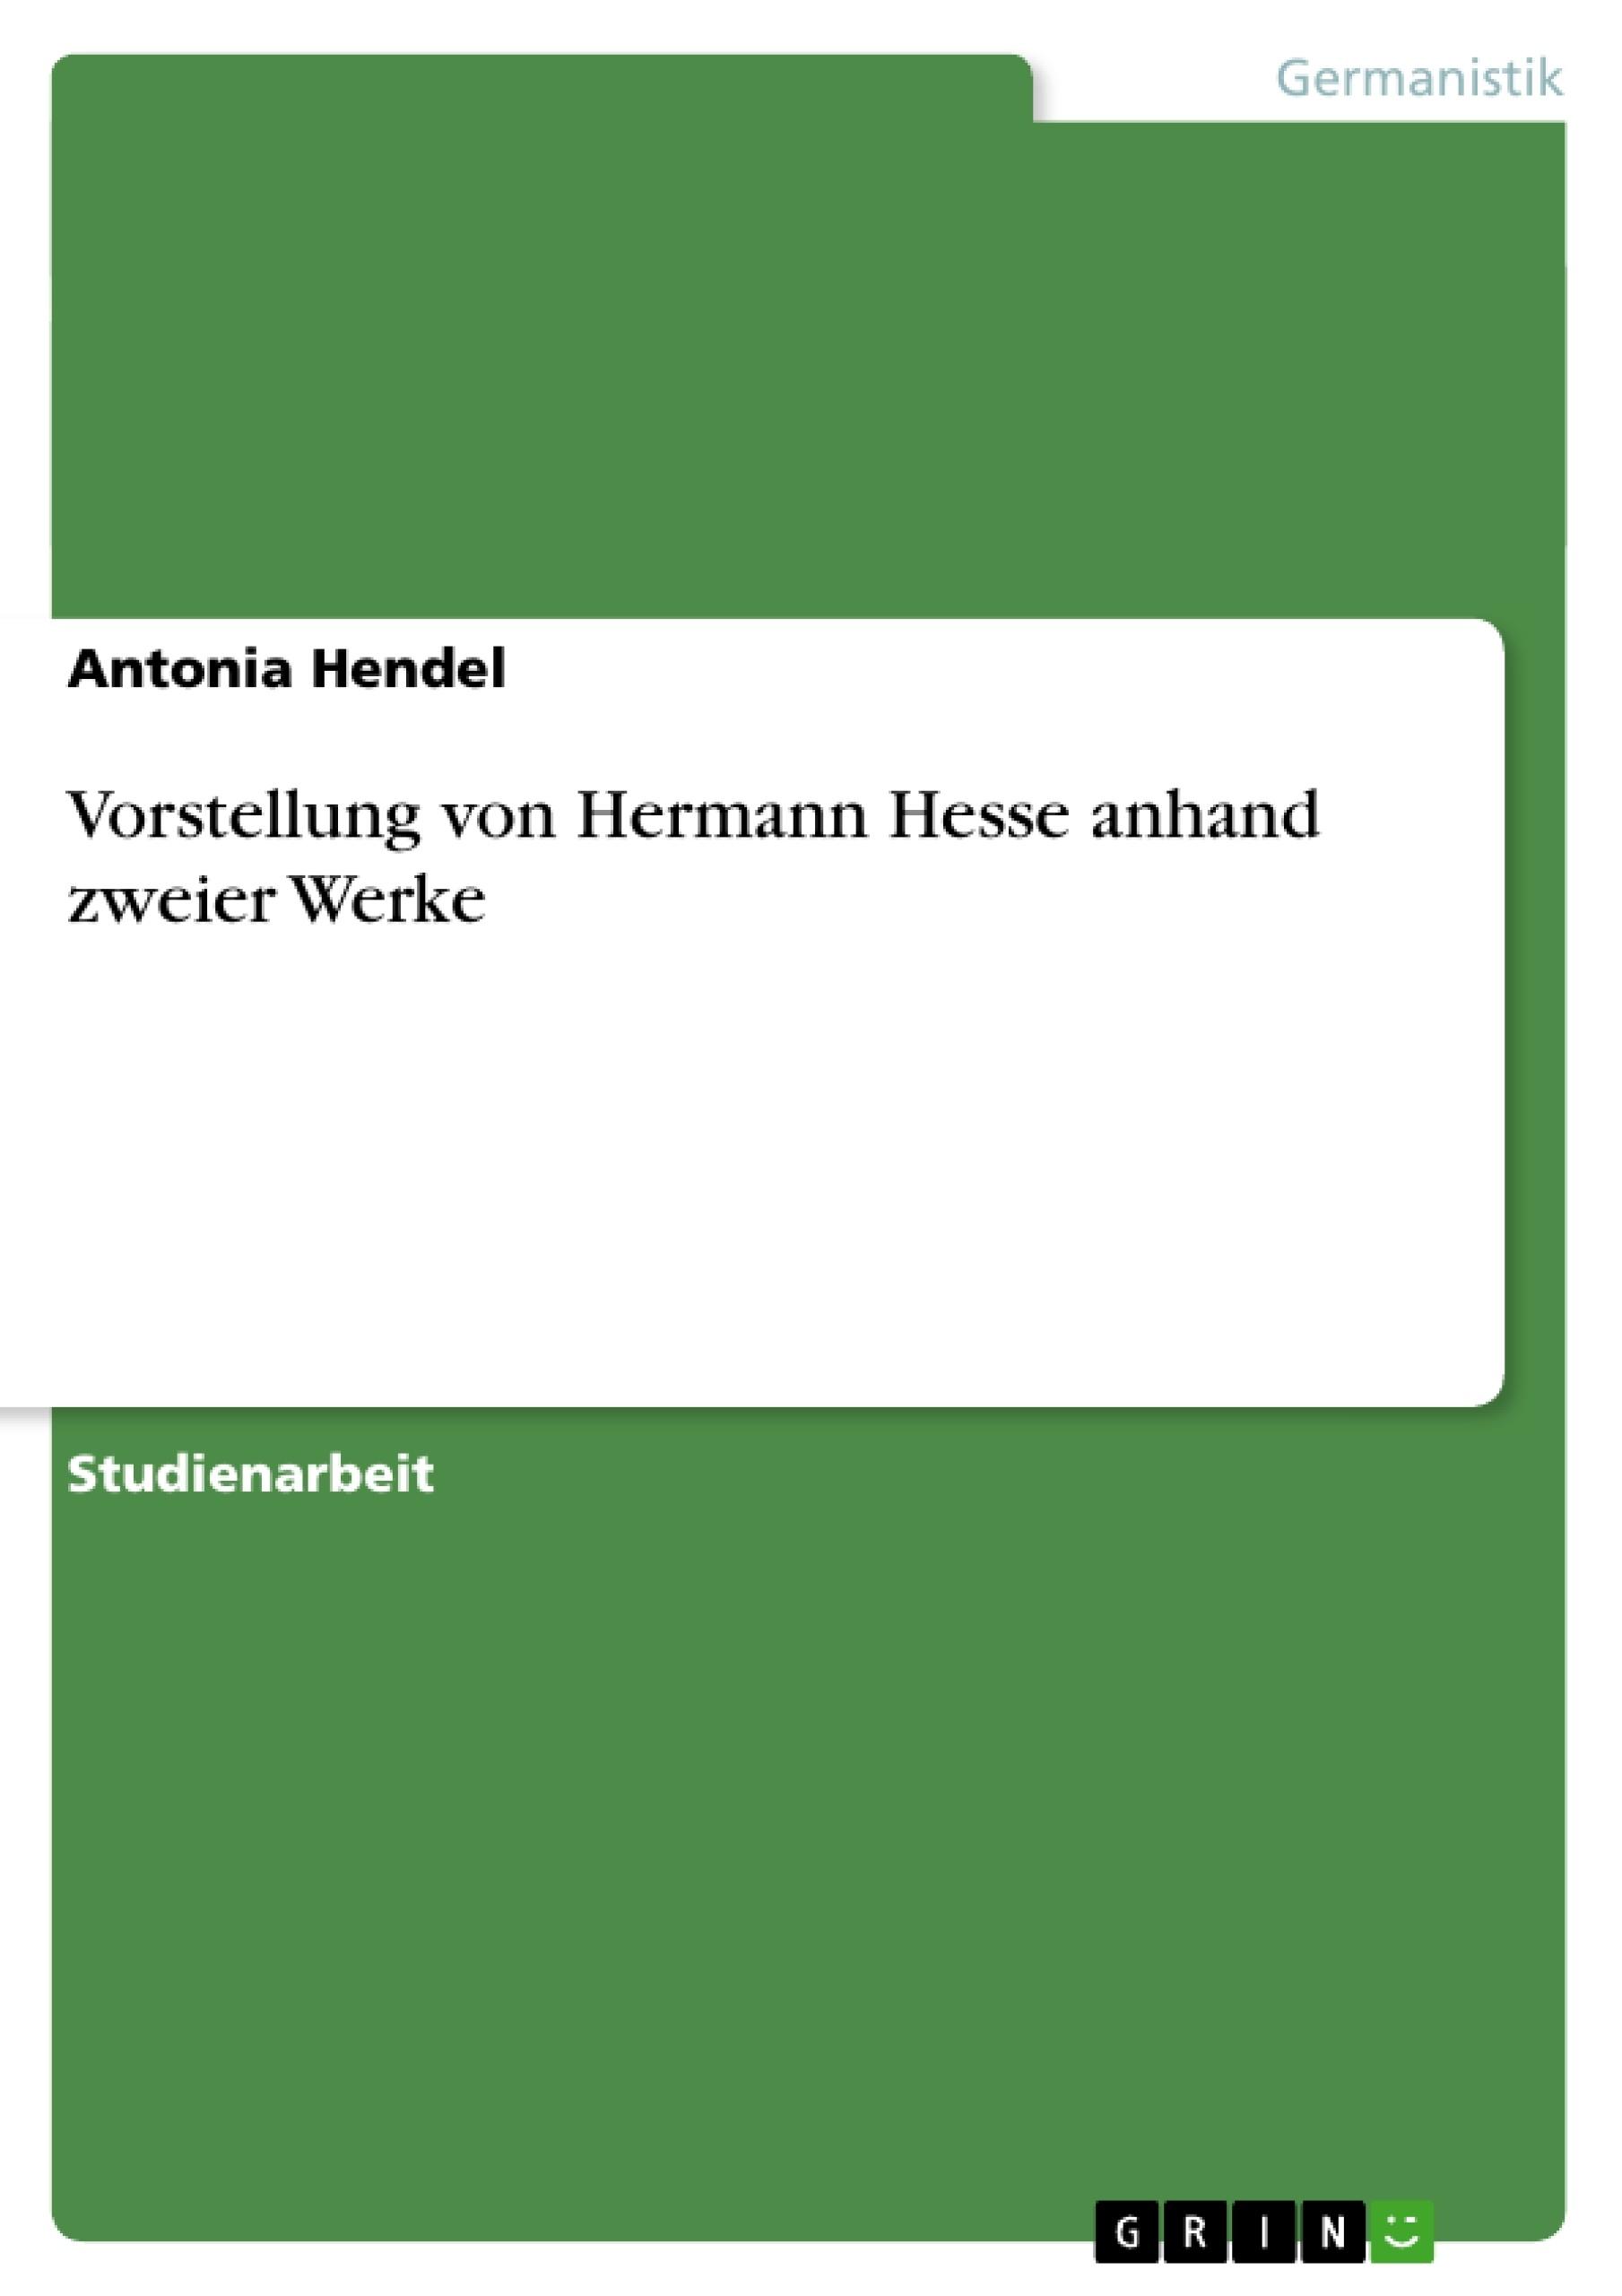 Titel: Vorstellung von Hermann Hesse anhand zweier Werke